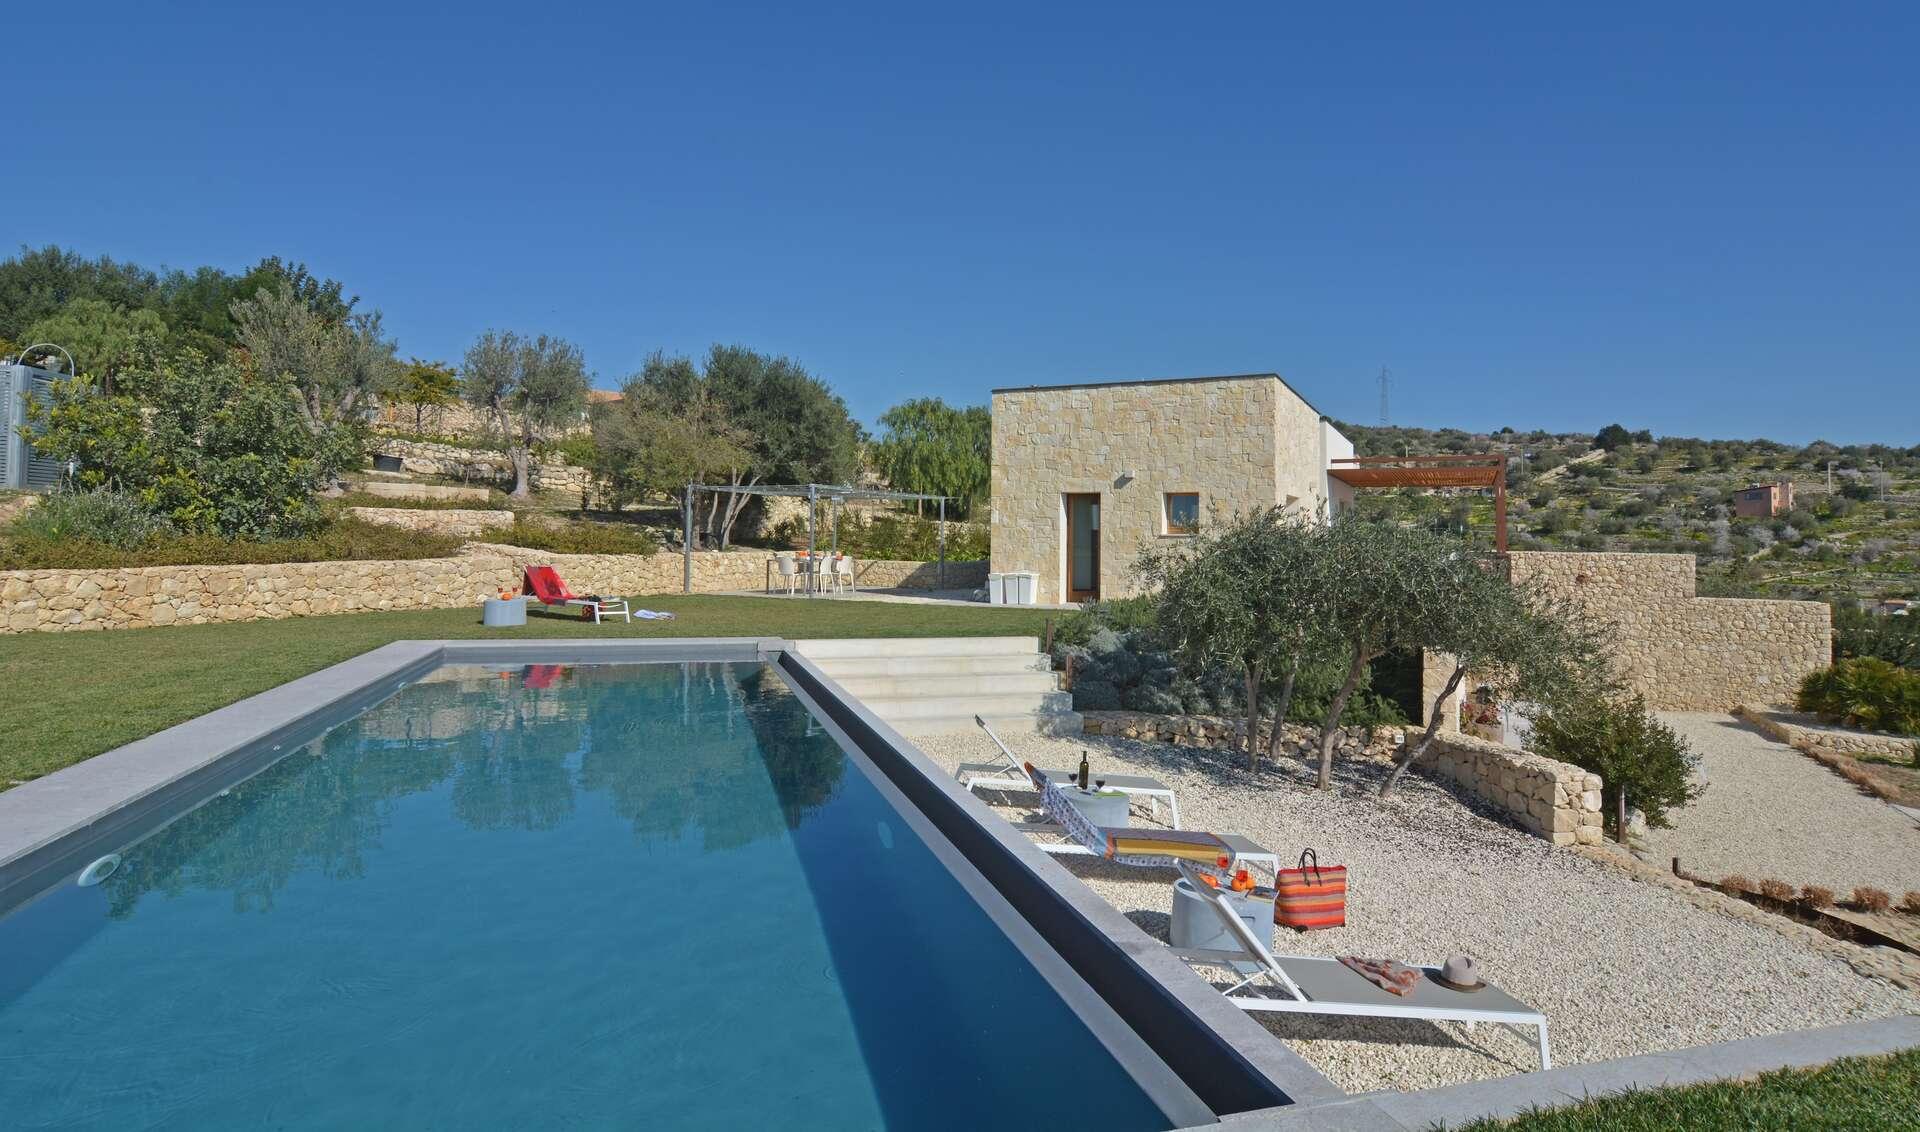 - Villa Gilda - Image 1/32